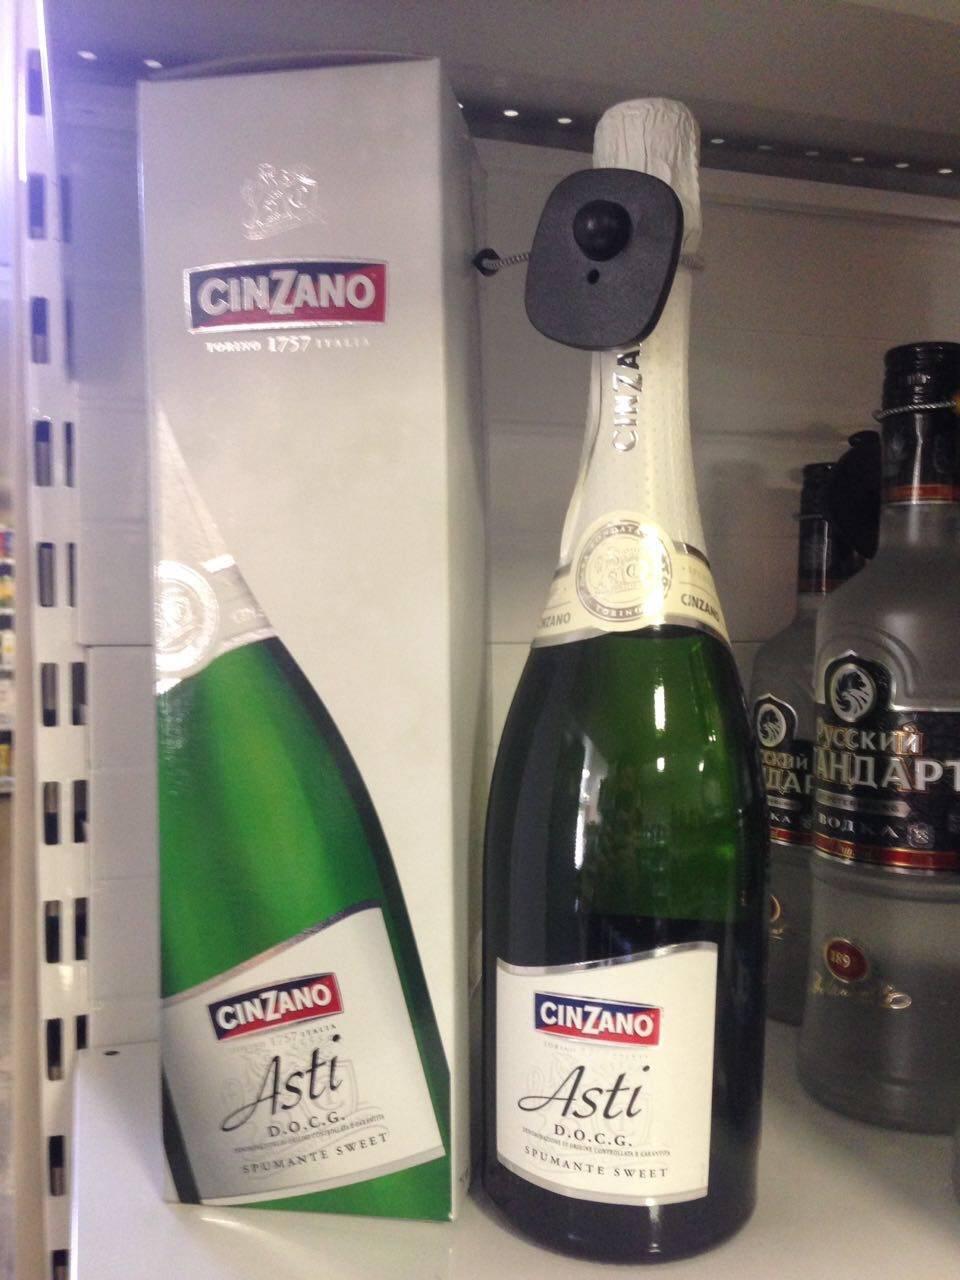 Gancia asti: шампанское или игристое вино?